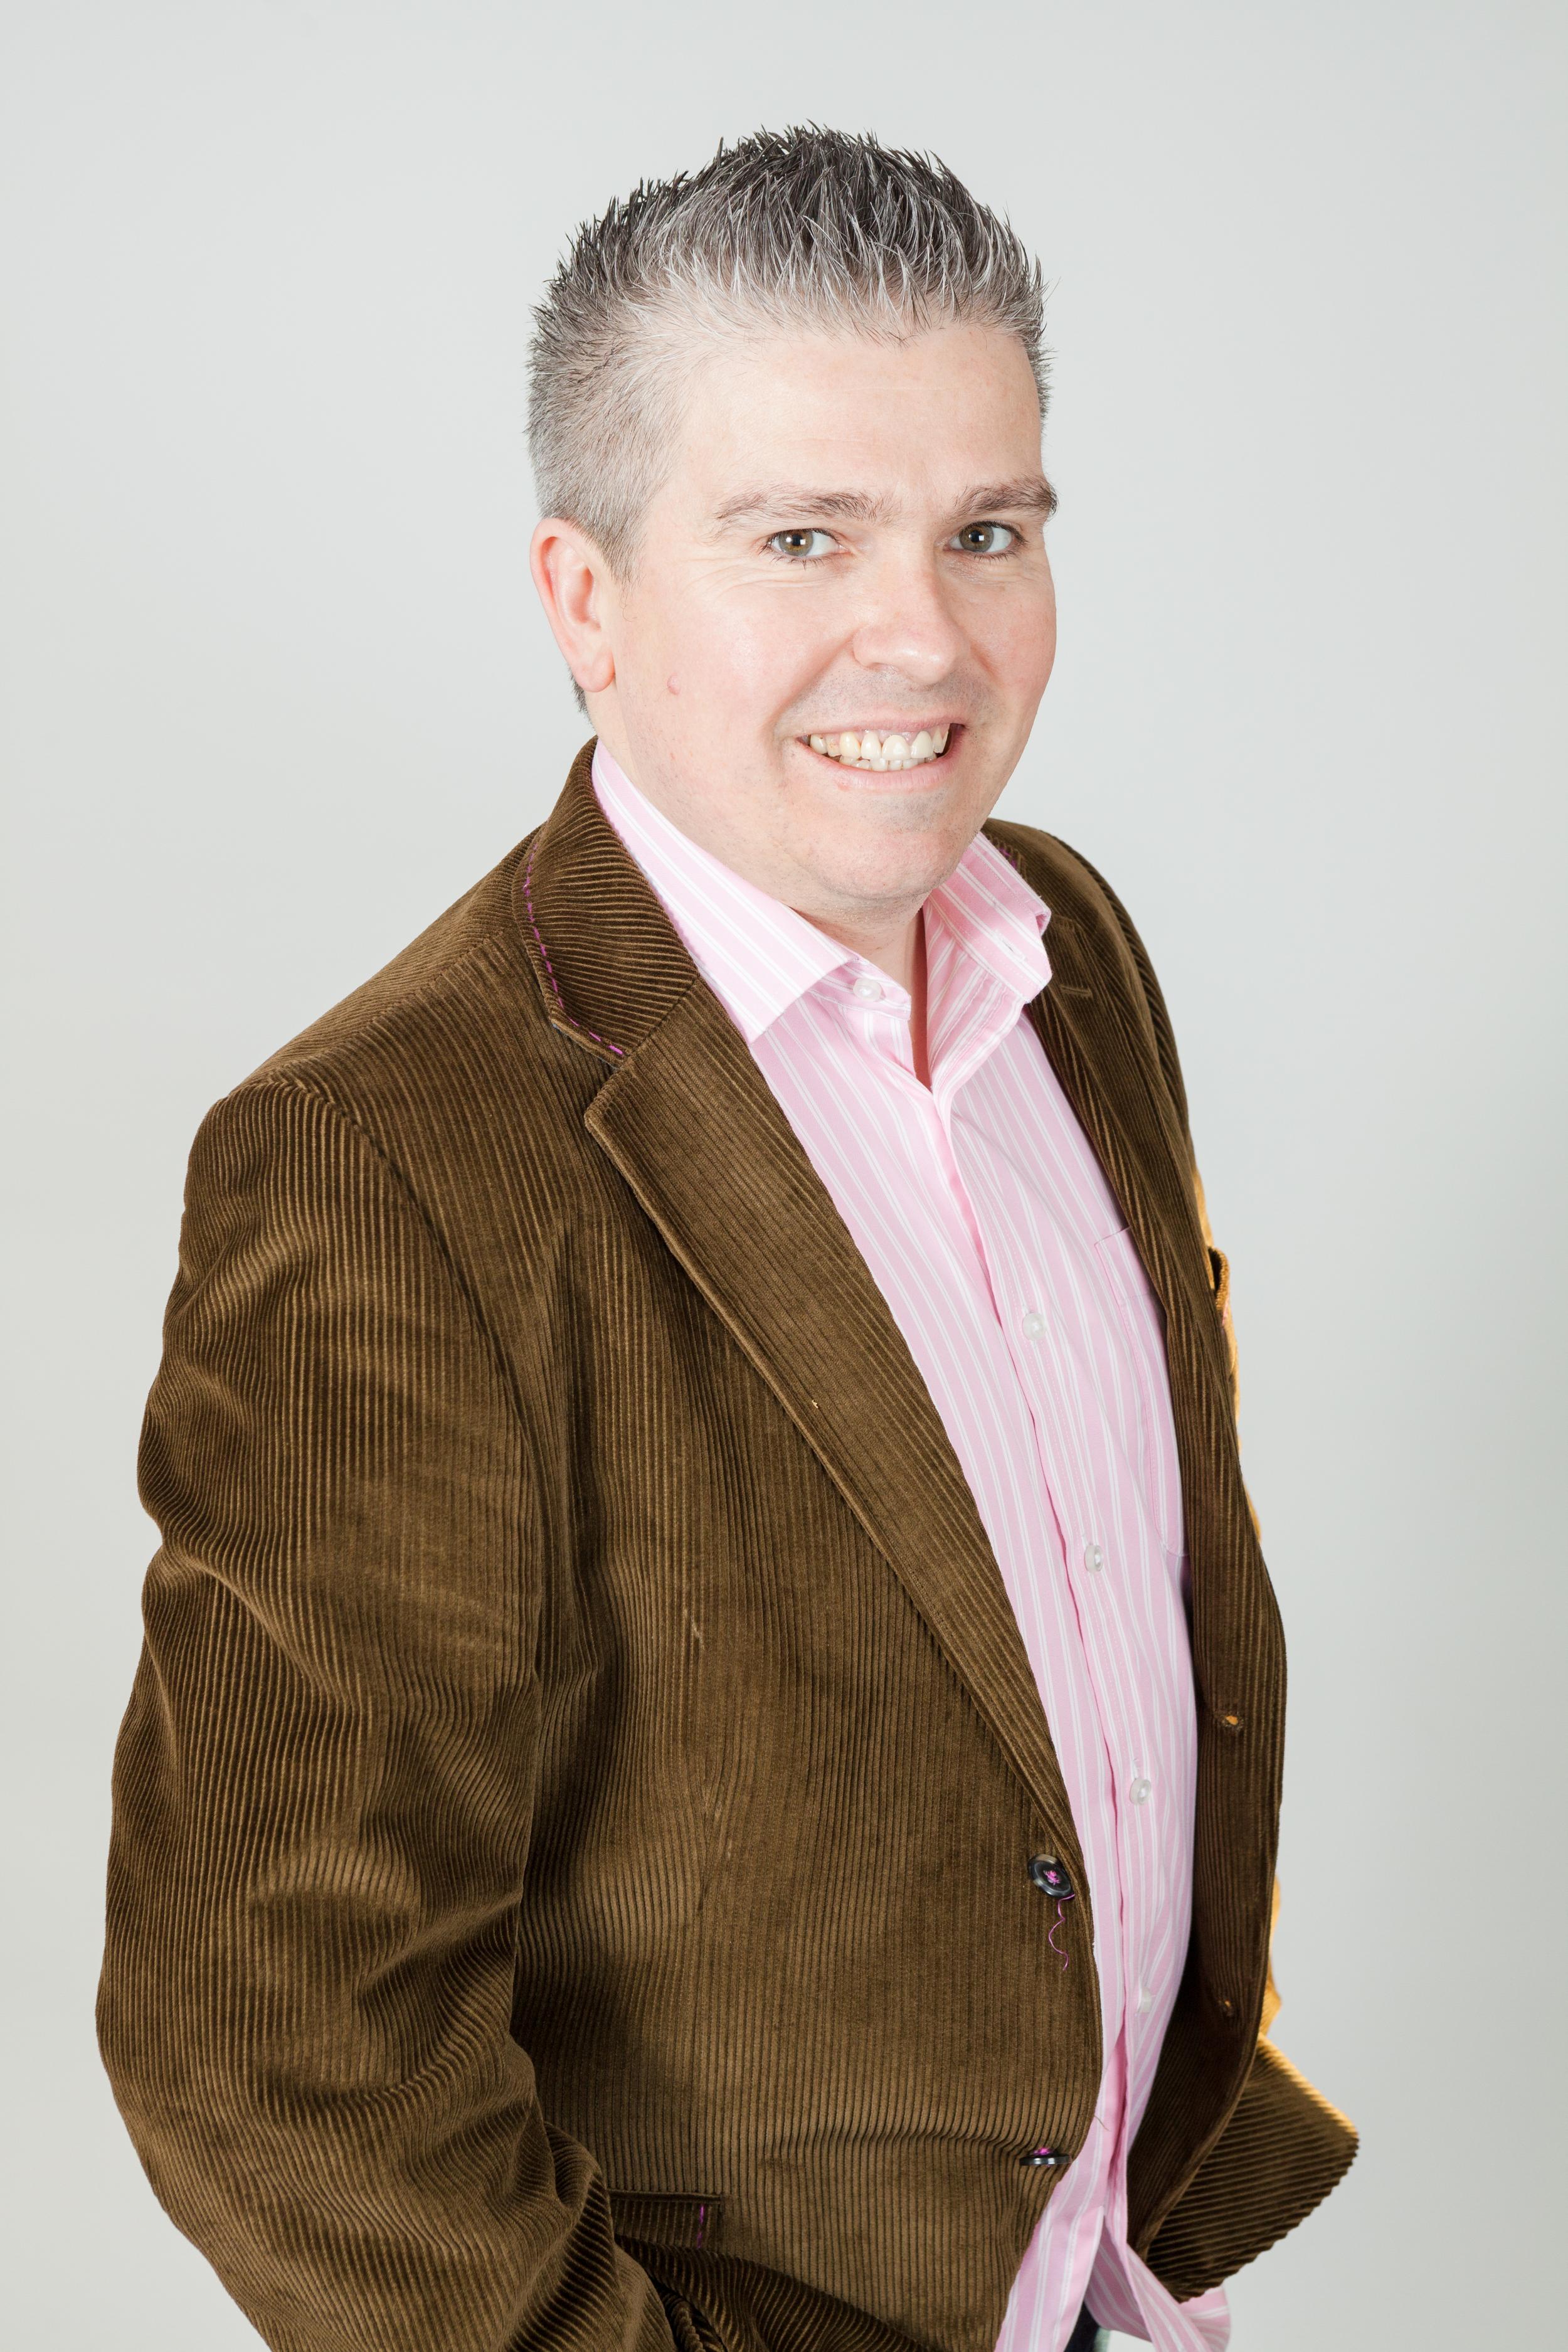 Dave - Green Jacket and Pink Stripe Shirt - Smiling _SimbocLtd_6806.jpg